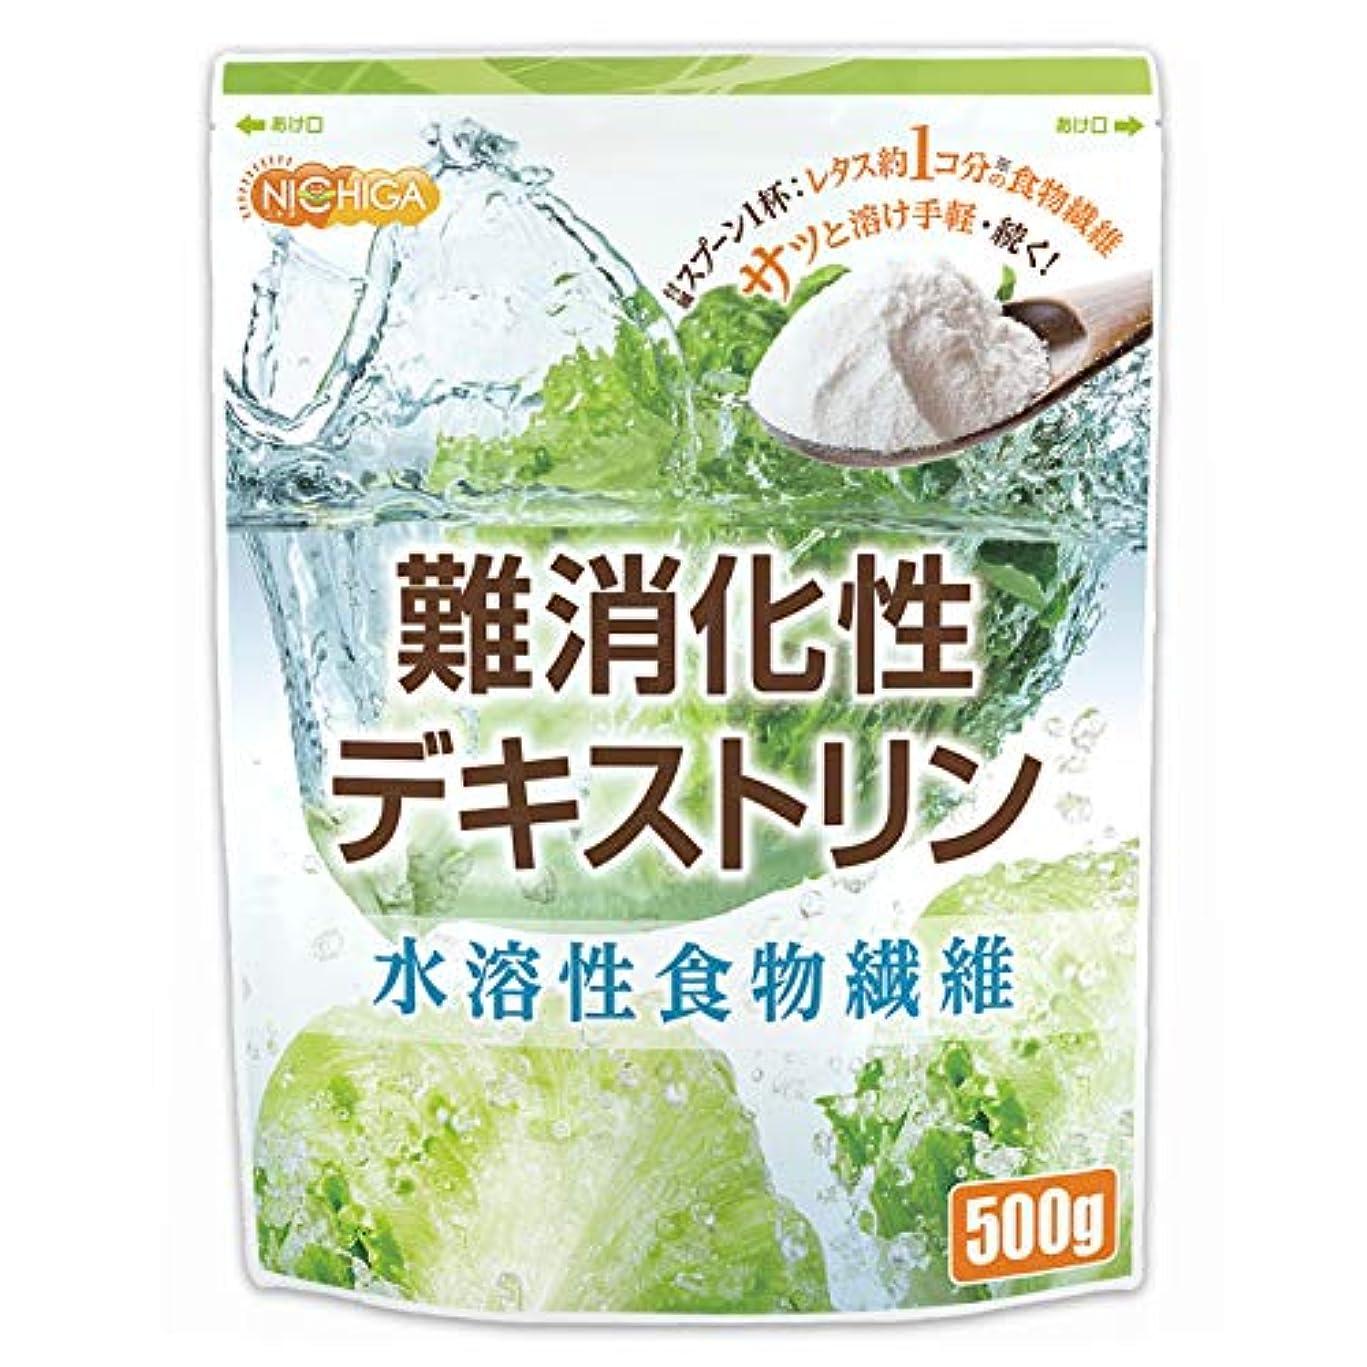 難消化性デキストリン 500g 製品のリニューアル致しました 水溶性食物繊維 [01] NICHIGA(ニチガ) 付属のスプーン1杯2.5gで、約レタス1個分の食物繊維